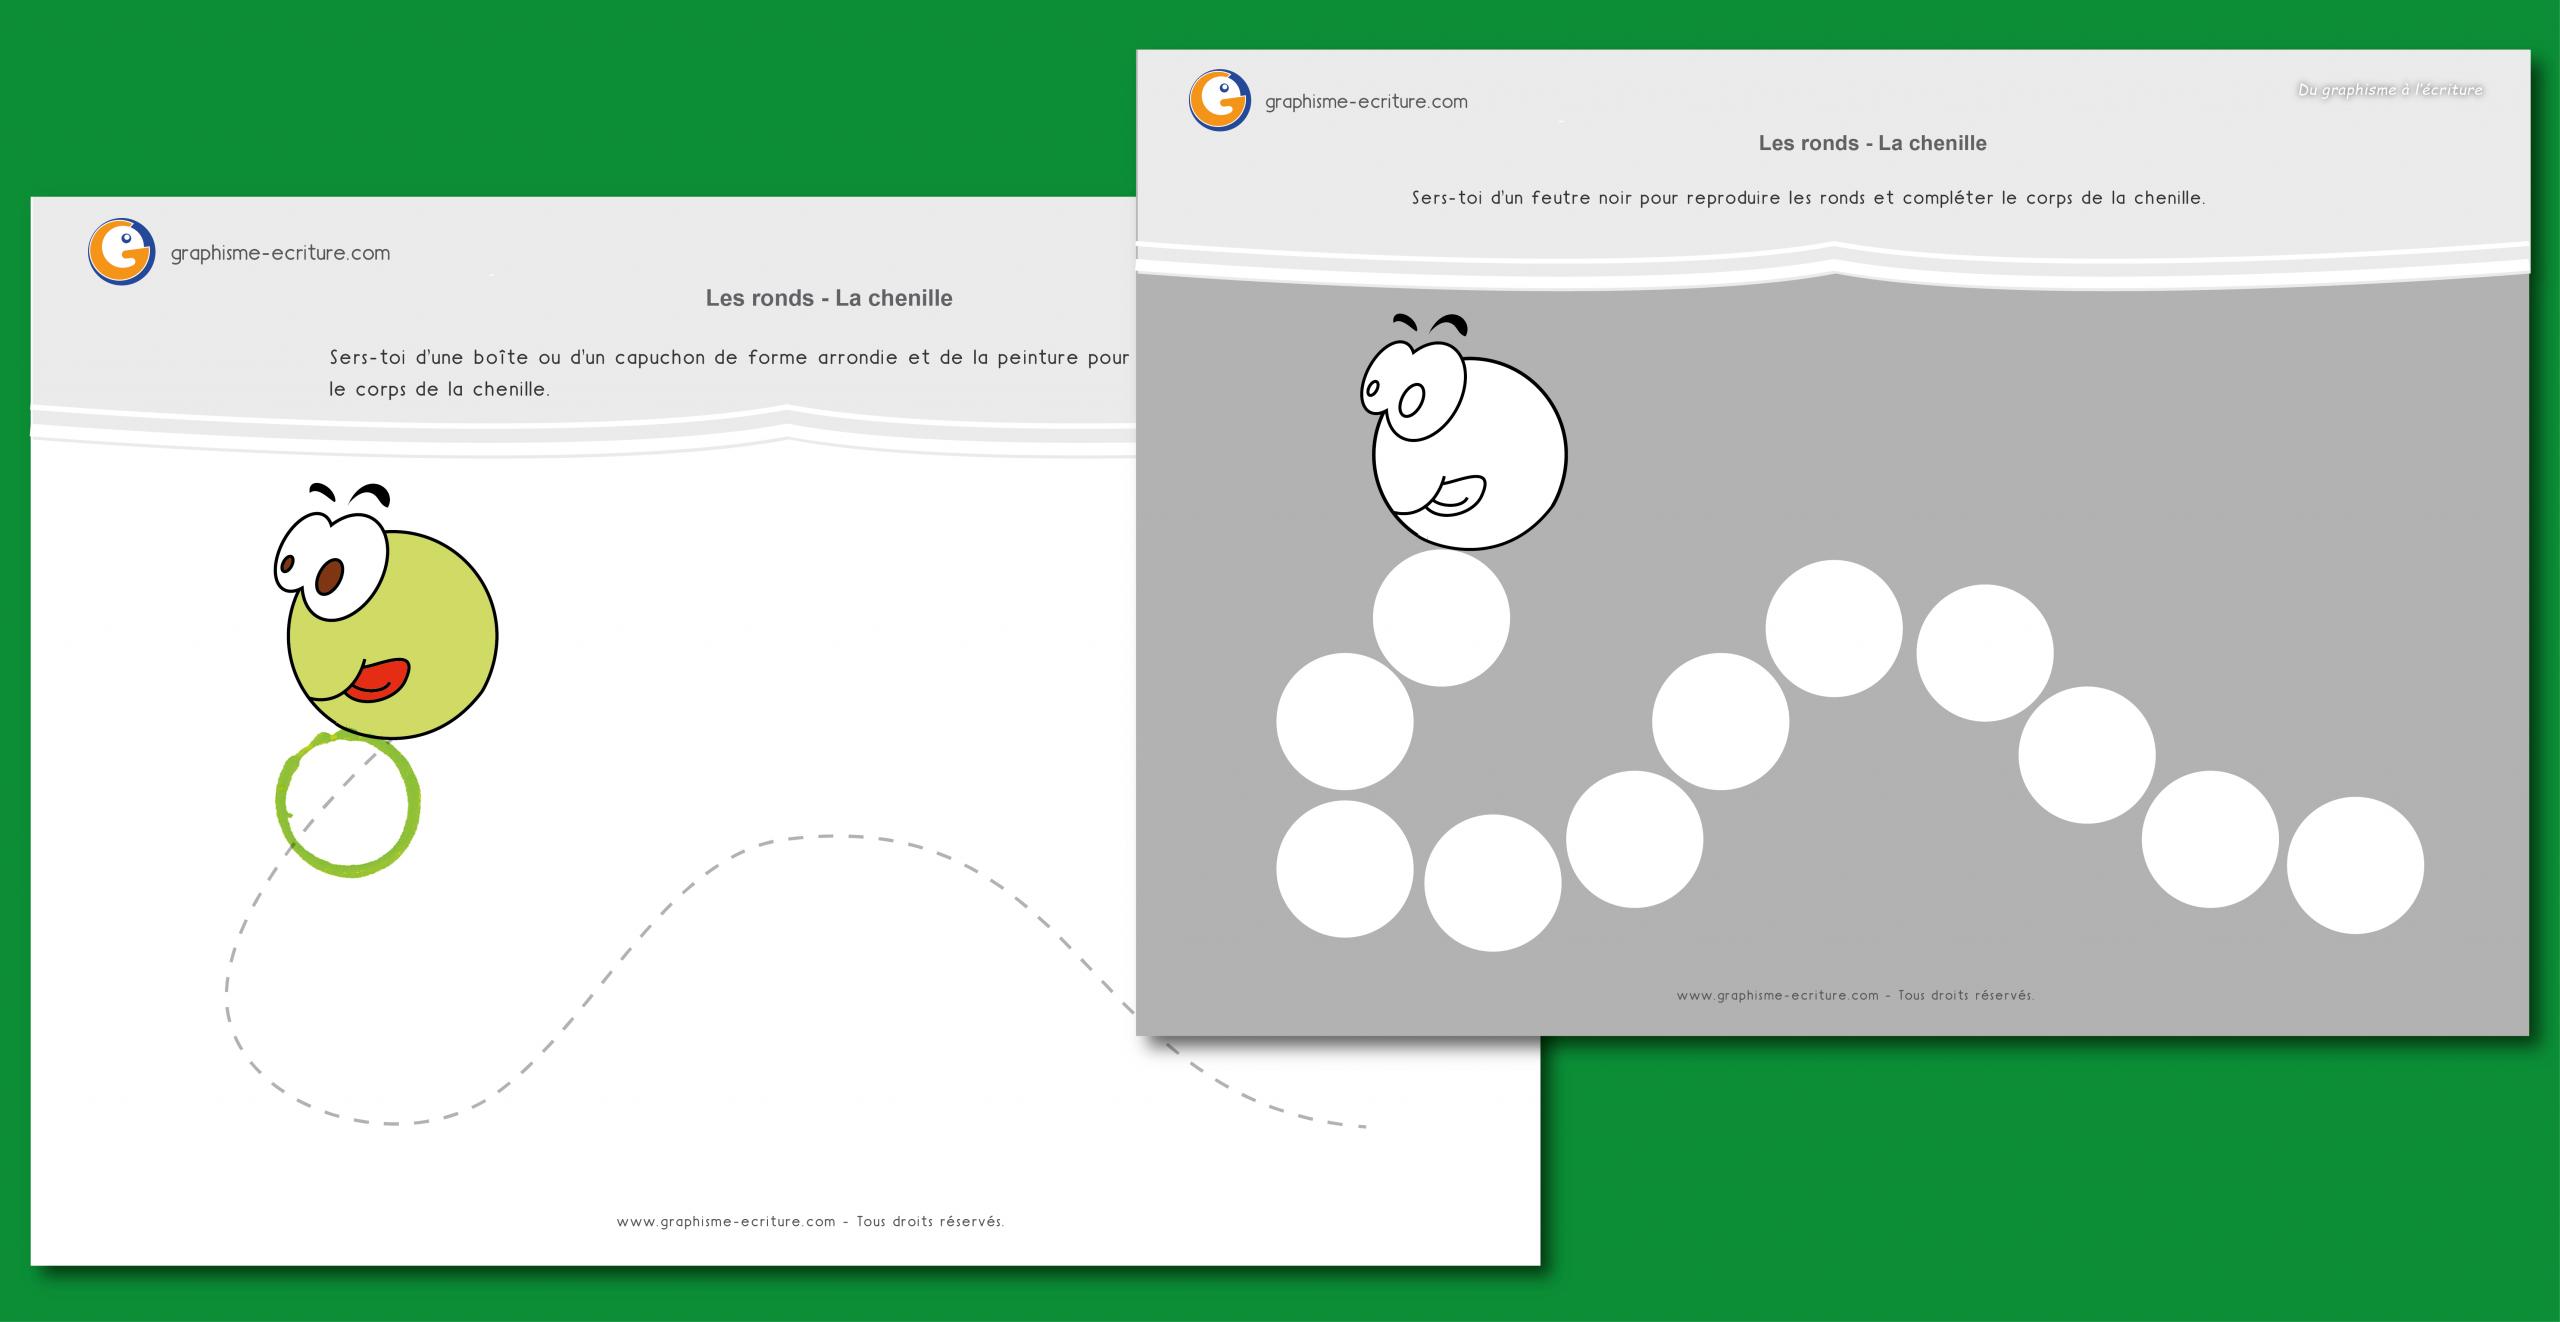 Graphisme Maternelle Les Ronds | Exercice Maternelle Ps Ms Gs Cp avec Graphisme Gs A Imprimer